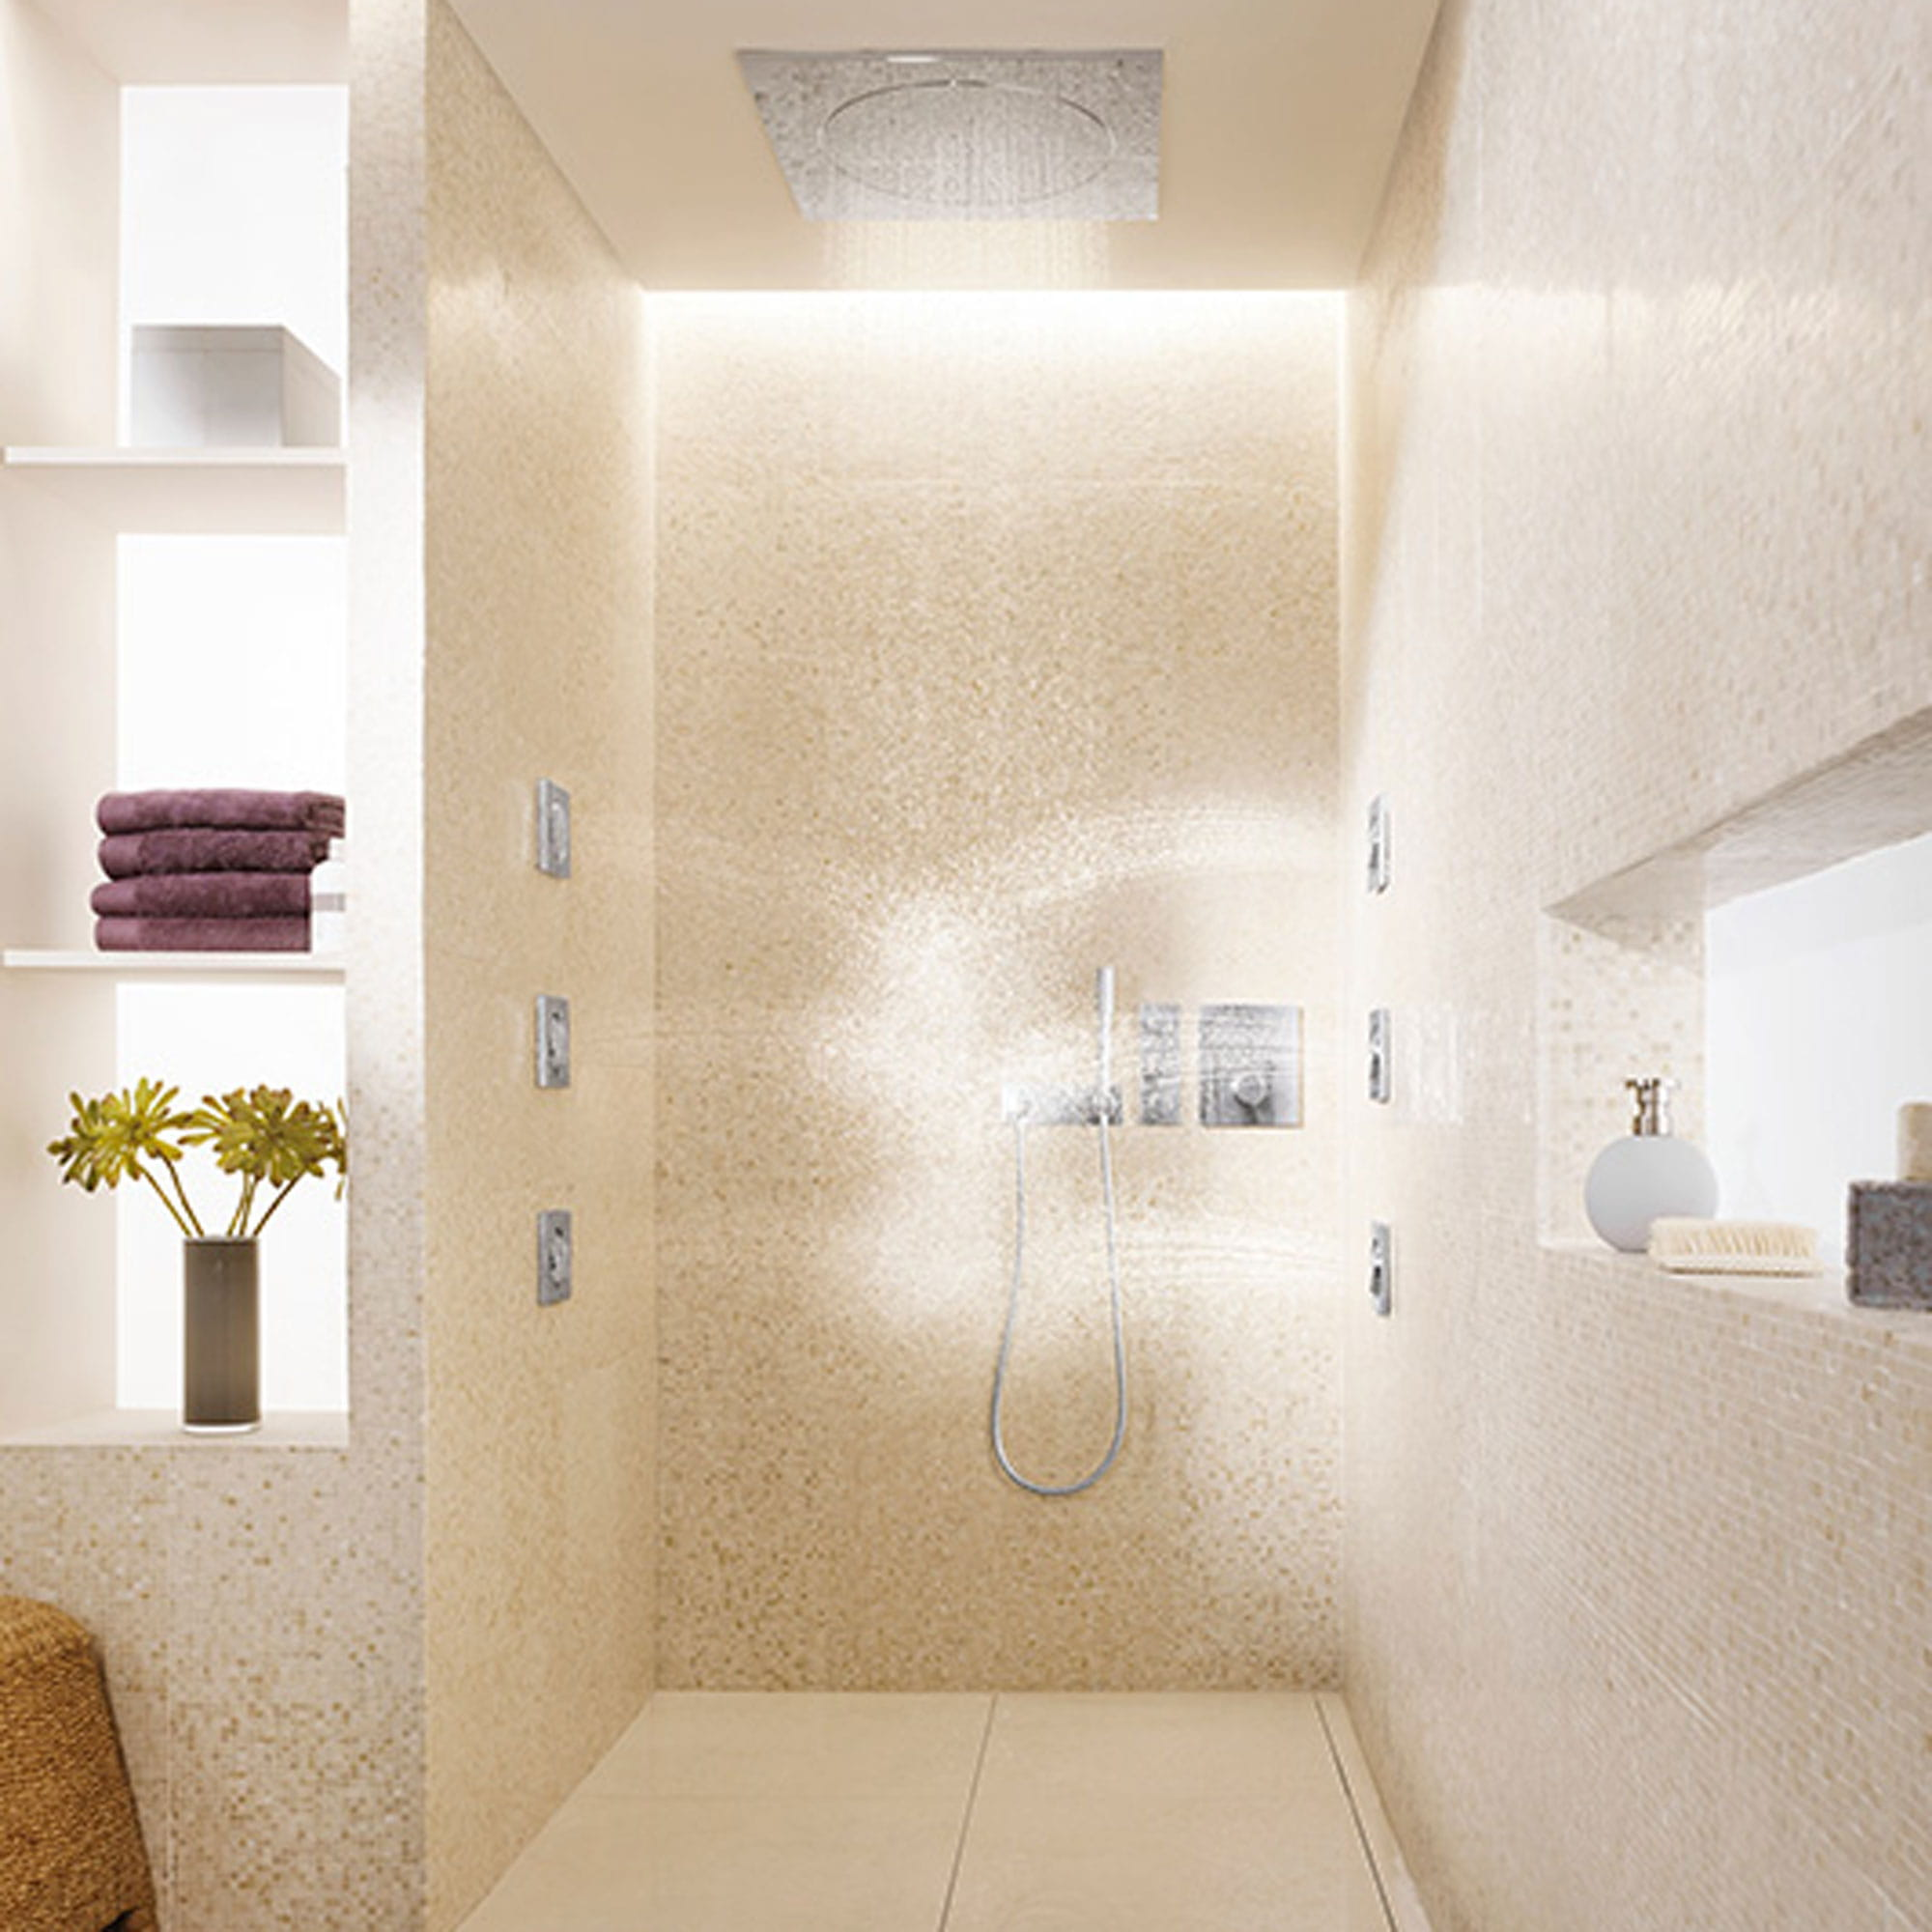 Douche de salle de bains avec les jets de pulvérisation de mur et la pomme de douche de pluie